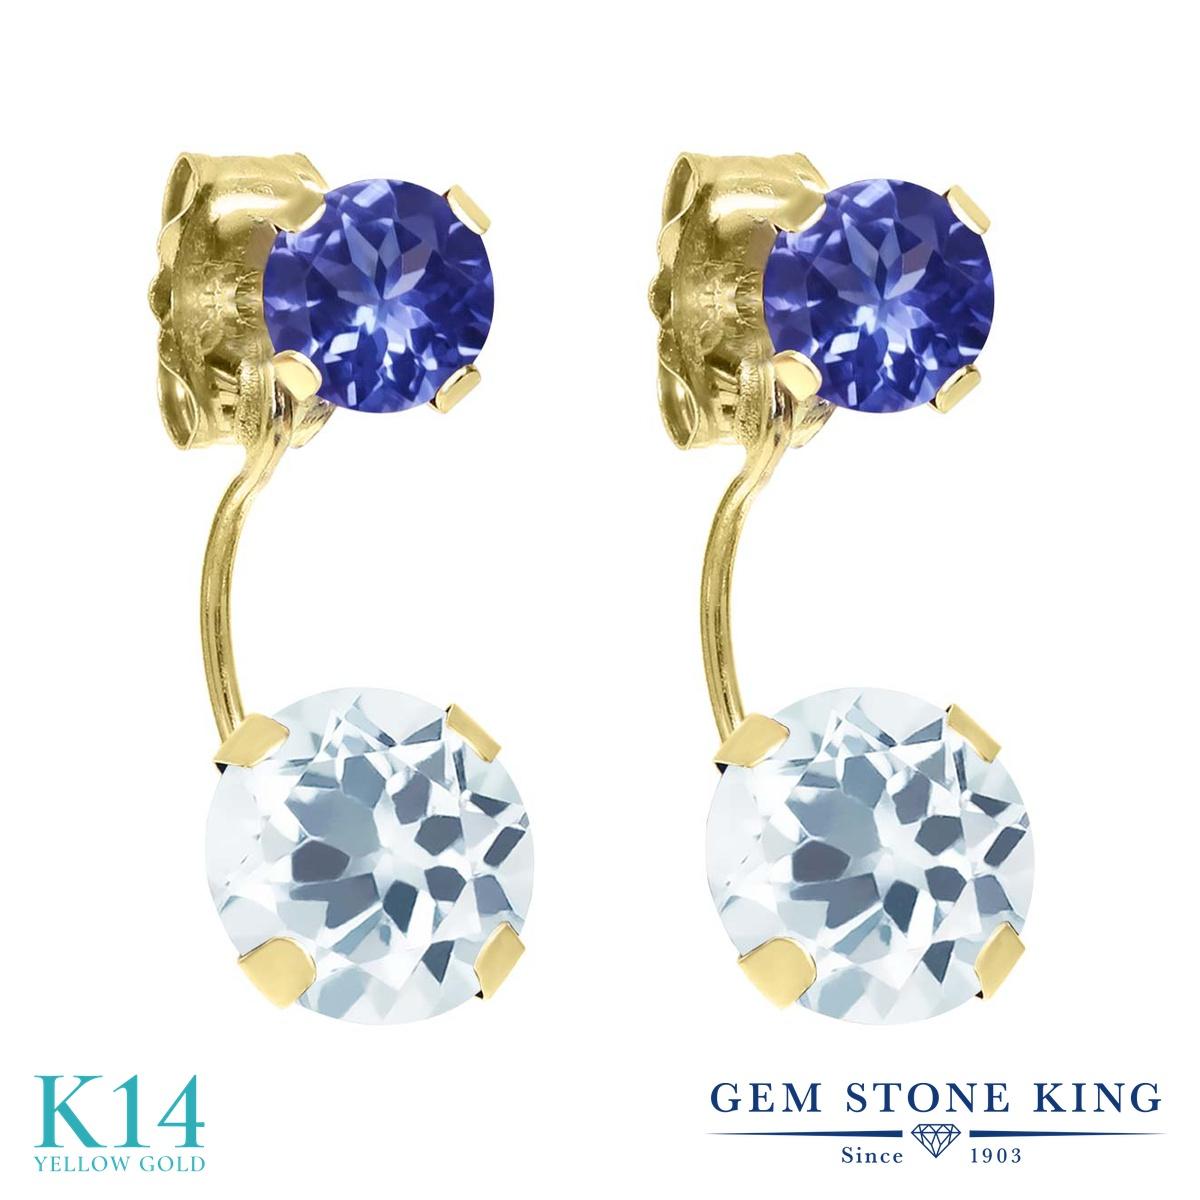 Gem Stone King 2.1カラット 天然 アクアマリン 天然石 タンザナイト 14金 イエローゴールド(K14) ピアス レディース ぶら下がり 天然石 3月 誕生石 金属アレルギー対応 誕生日プレゼント